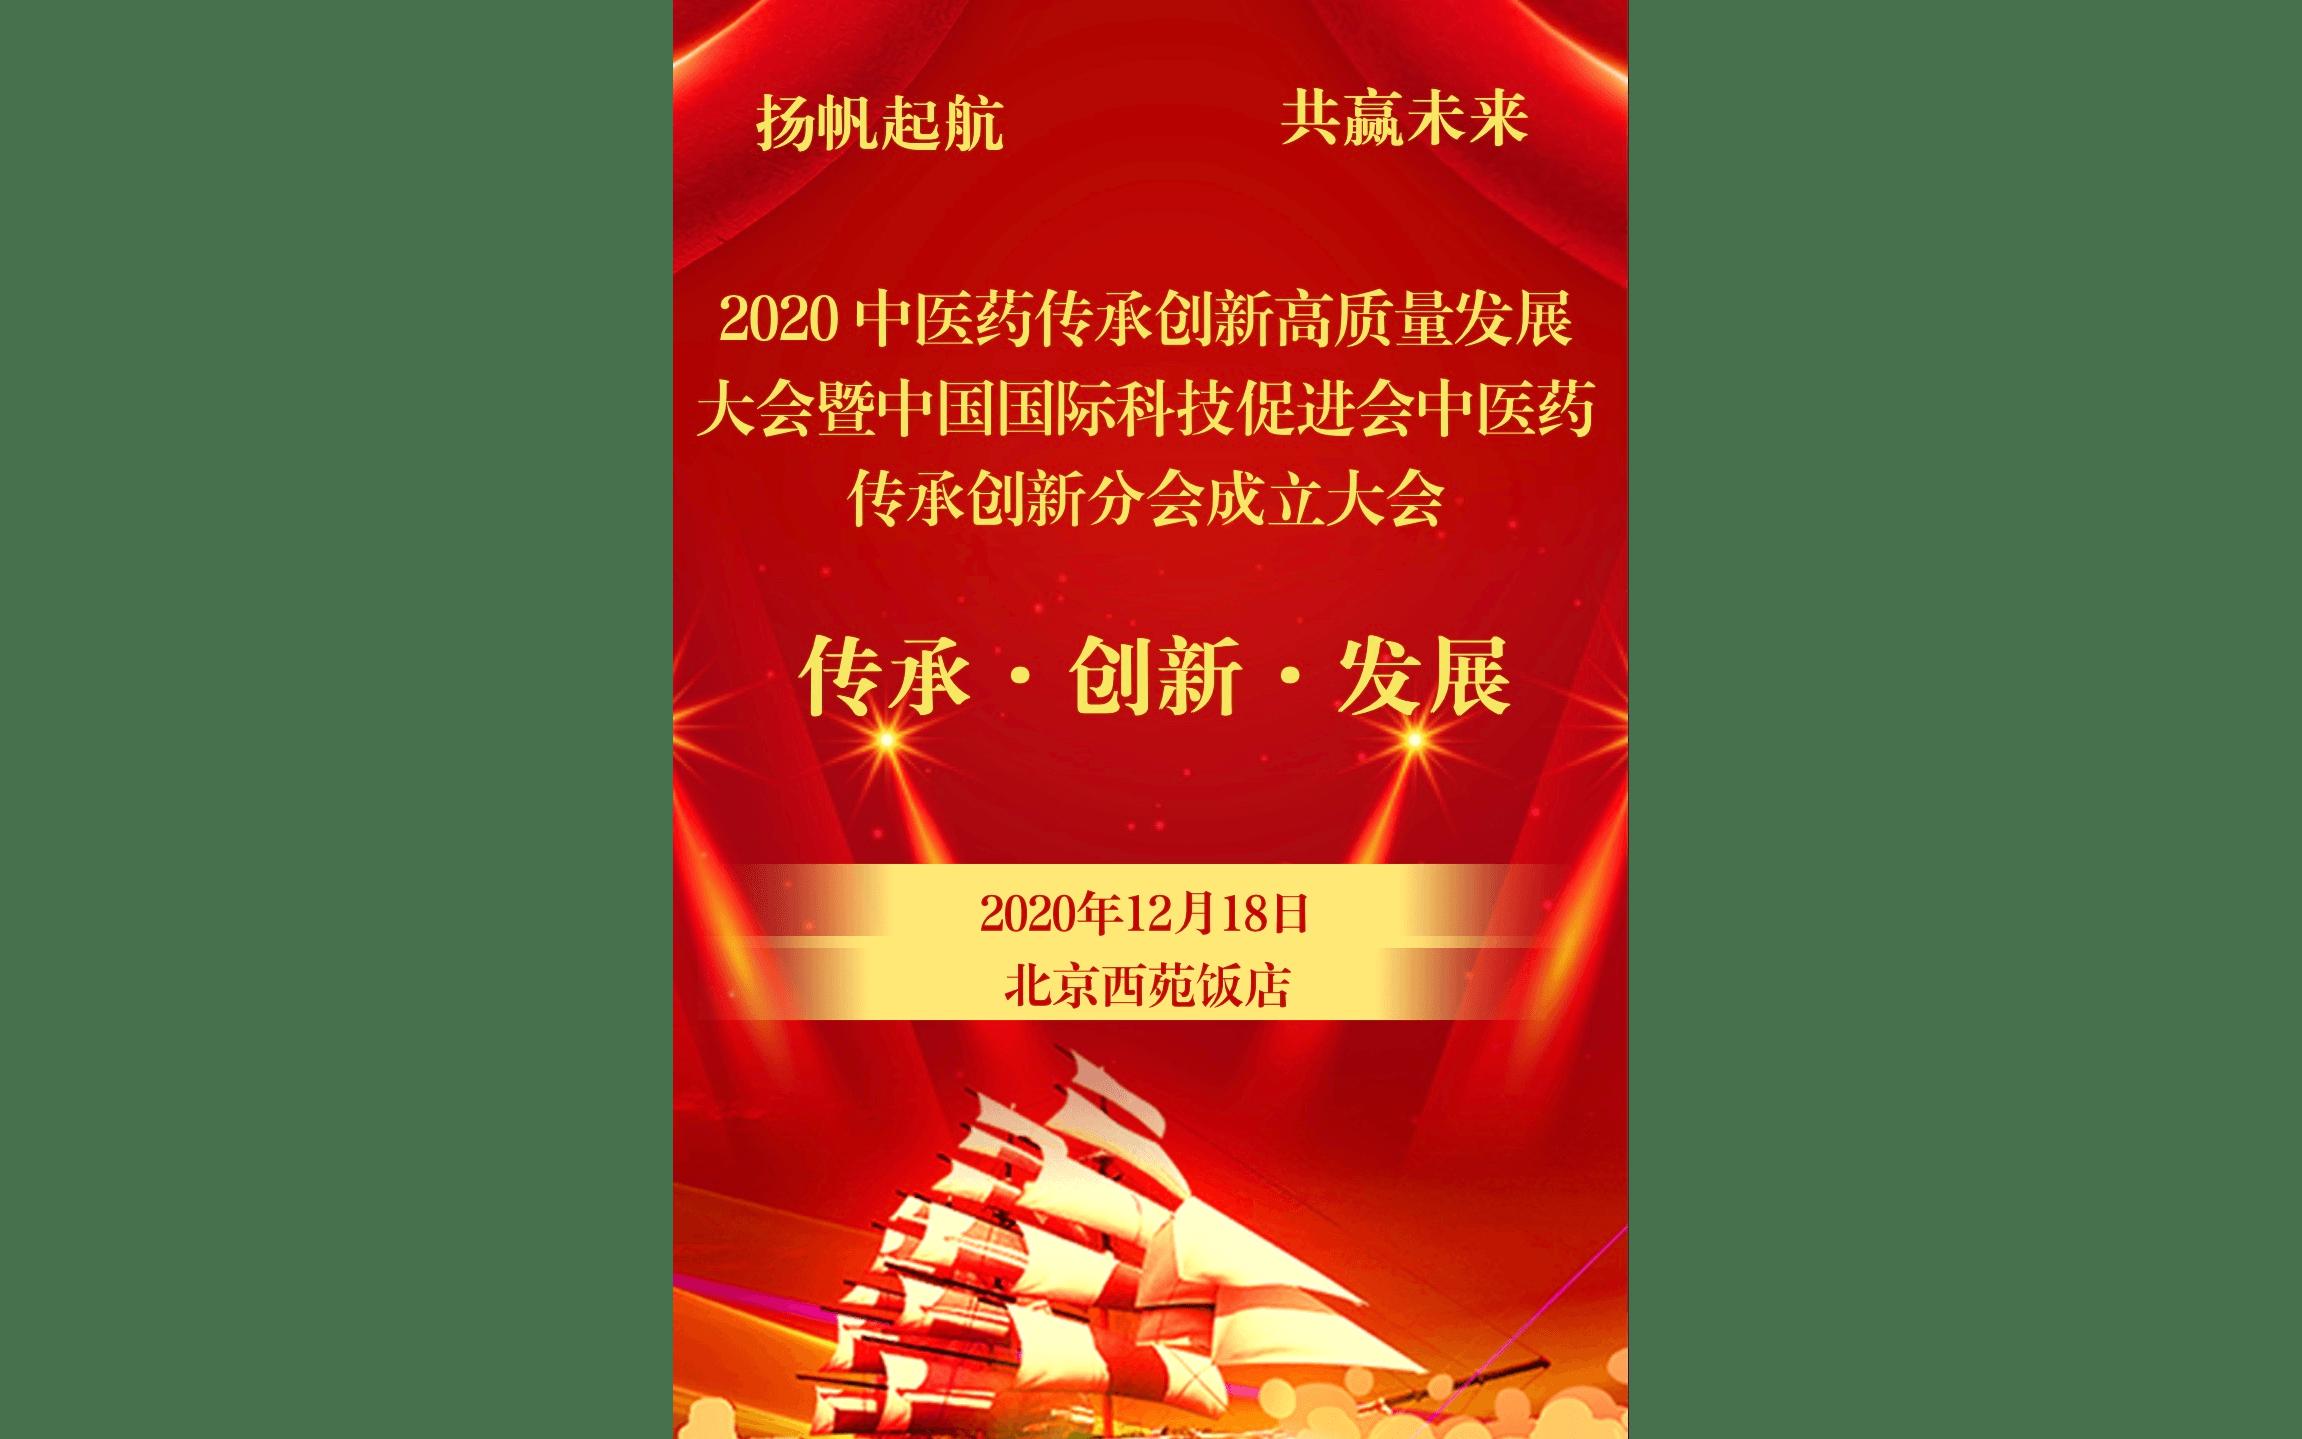 2020中医药传承创新高质量发展大会